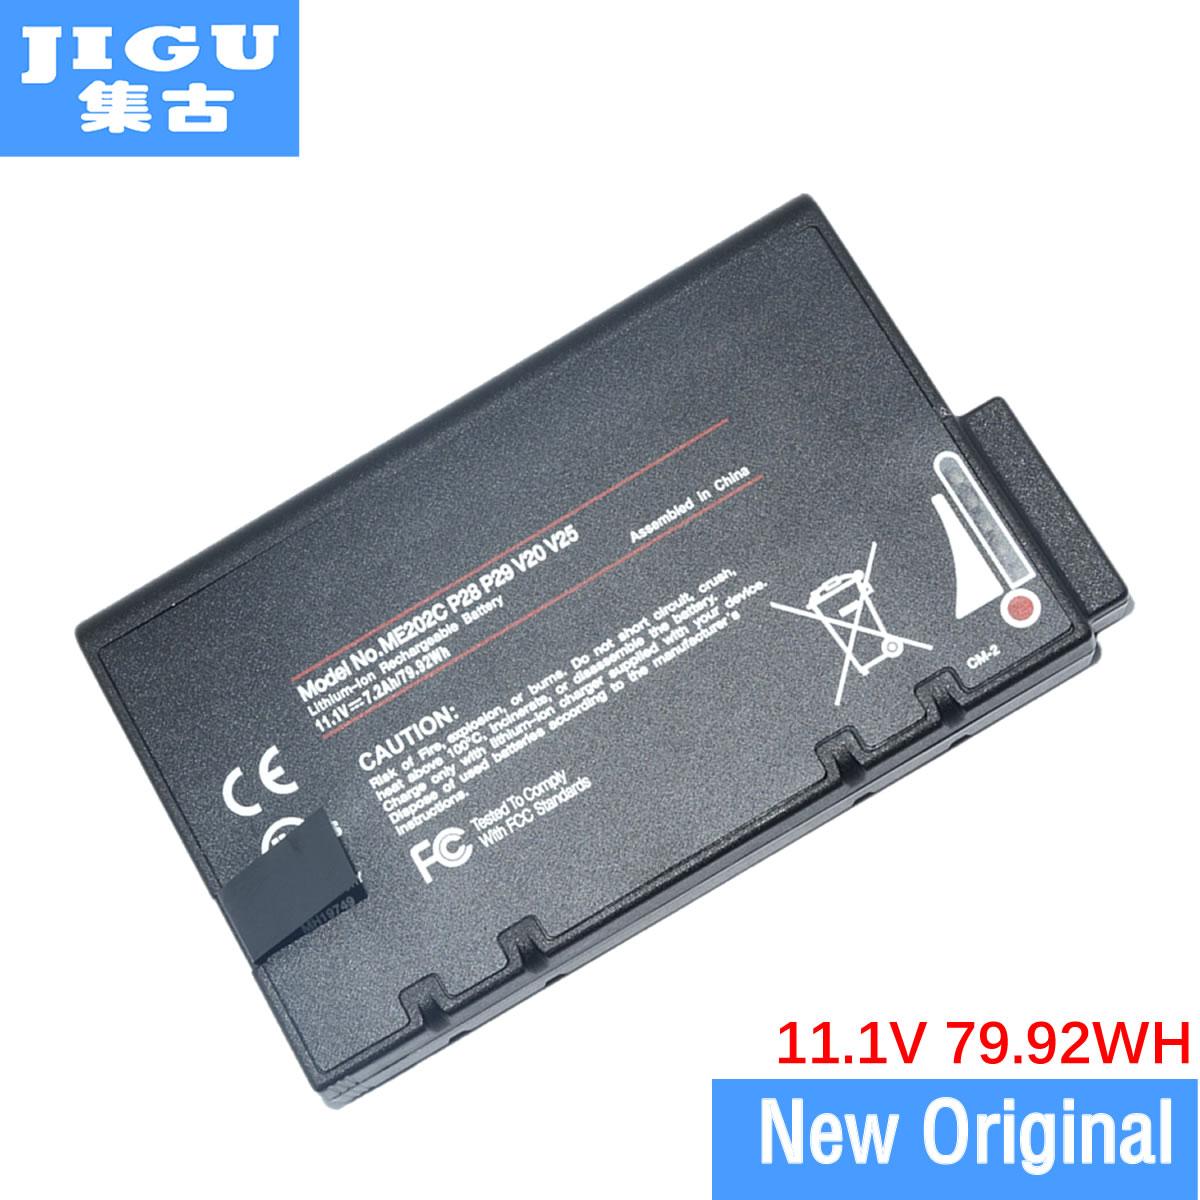 JIGU 33-01PI 338911120104 BP-LP2900 D'origine batterie d'ordinateur portable Pour HASEE DR202S LI202S ME202C ME202EK RS2020 11.1V 79.92WH